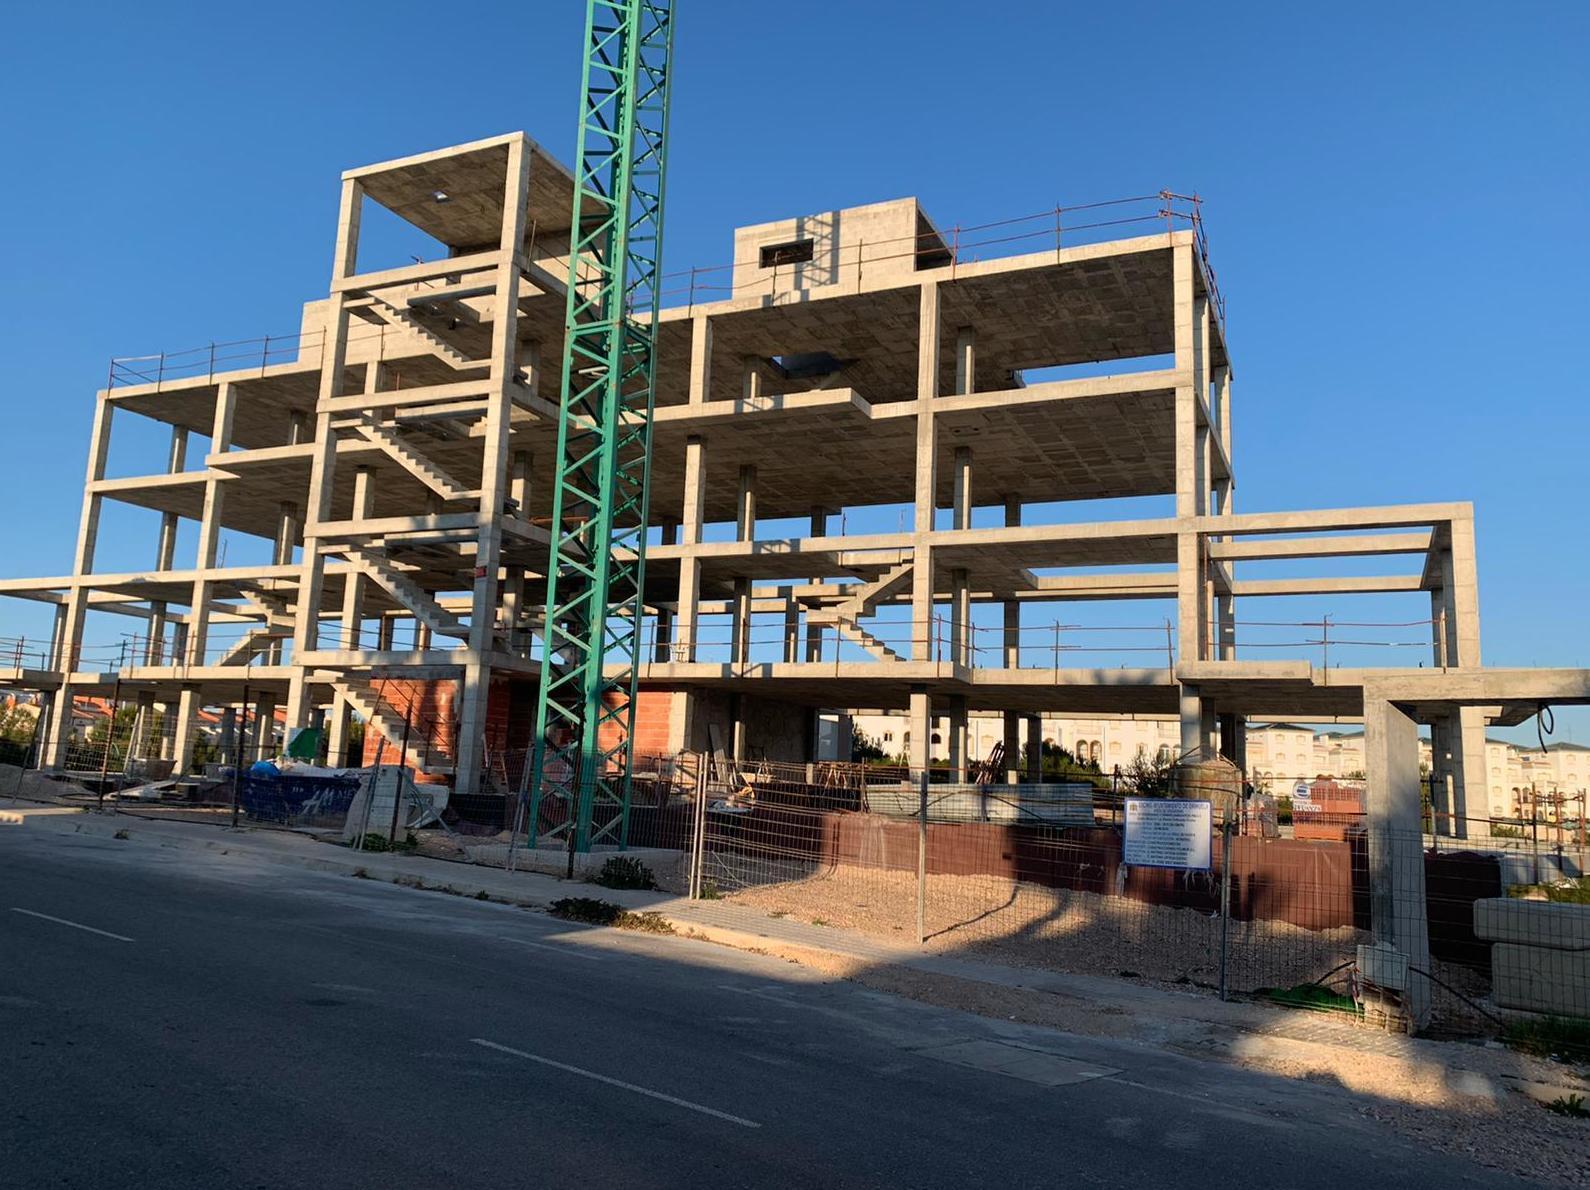 Estructura de hormigón La Zenia IV Fase. Orihuela. 12 viviendas y sótano.